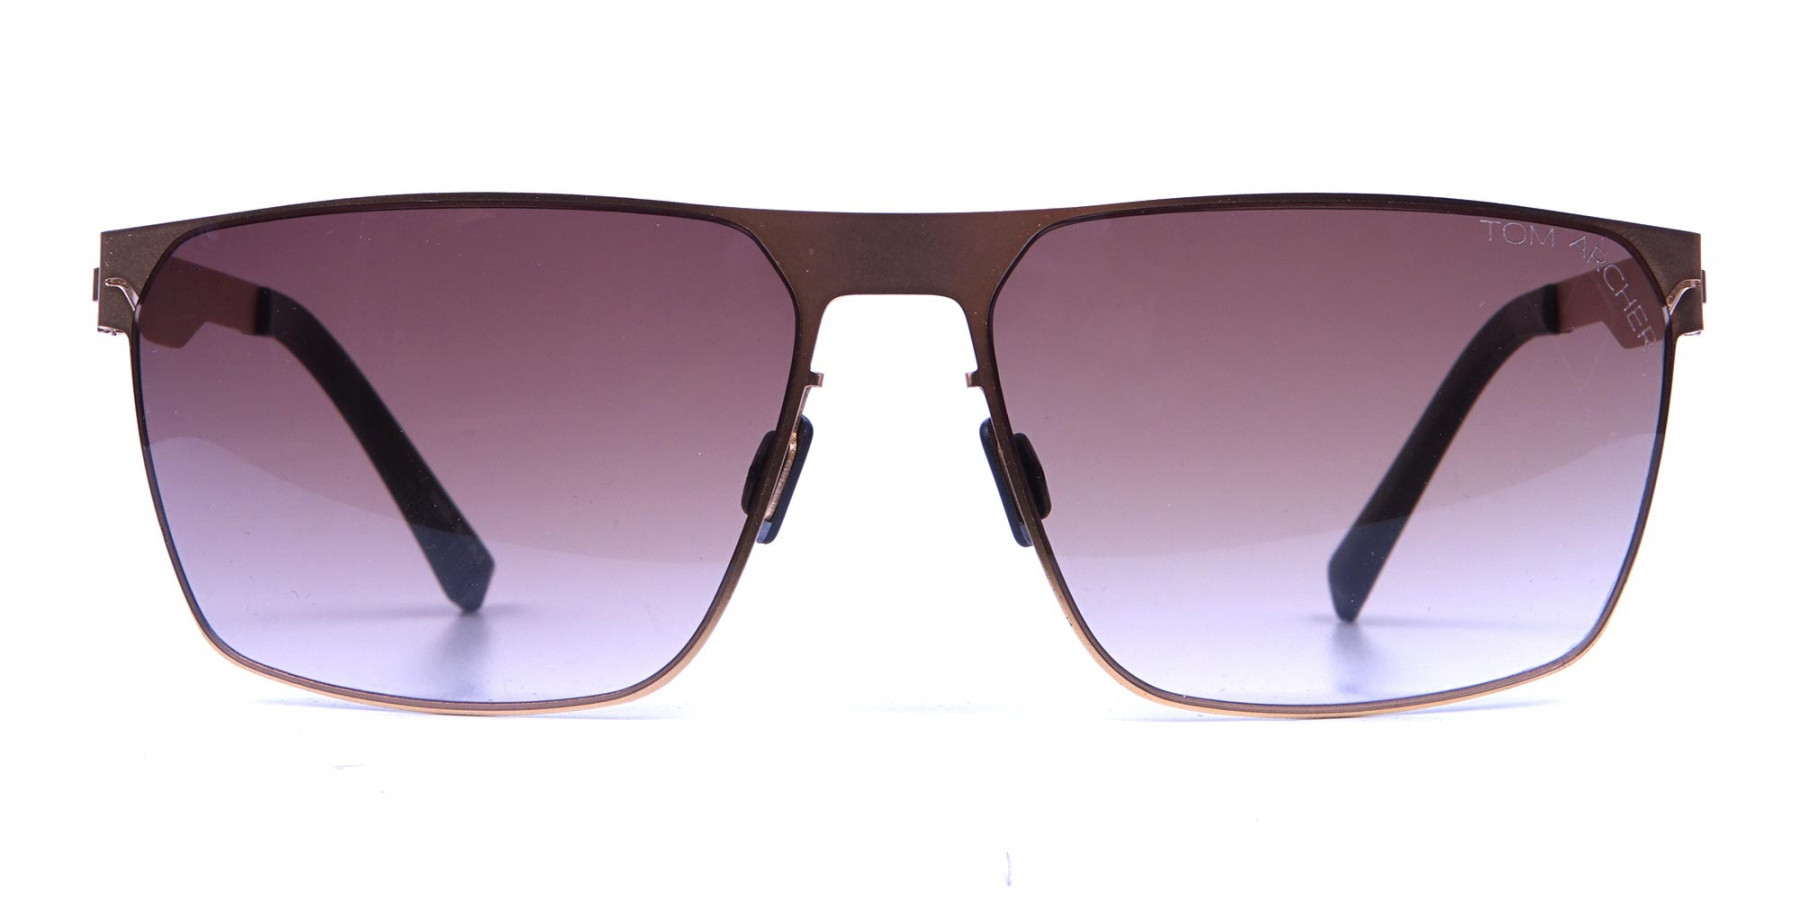 Gold Framed Rectangular Shaped Sunglasses -2